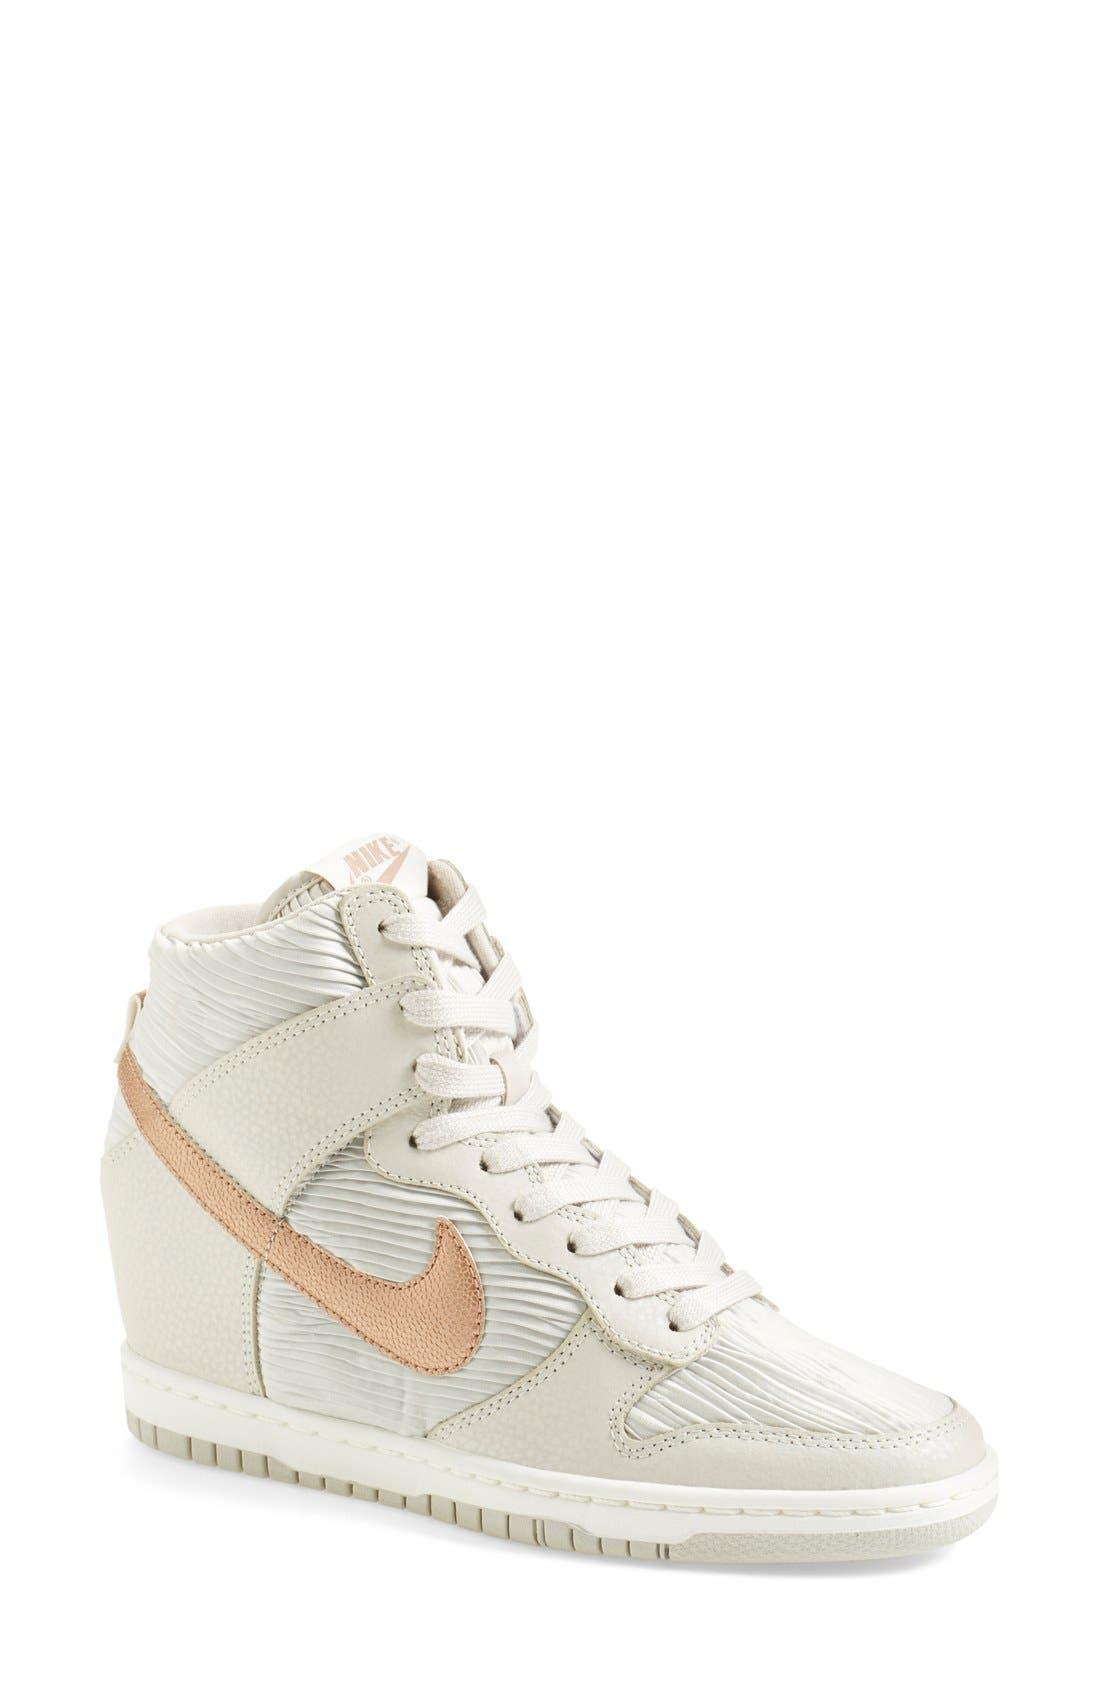 wedge sneakers nike